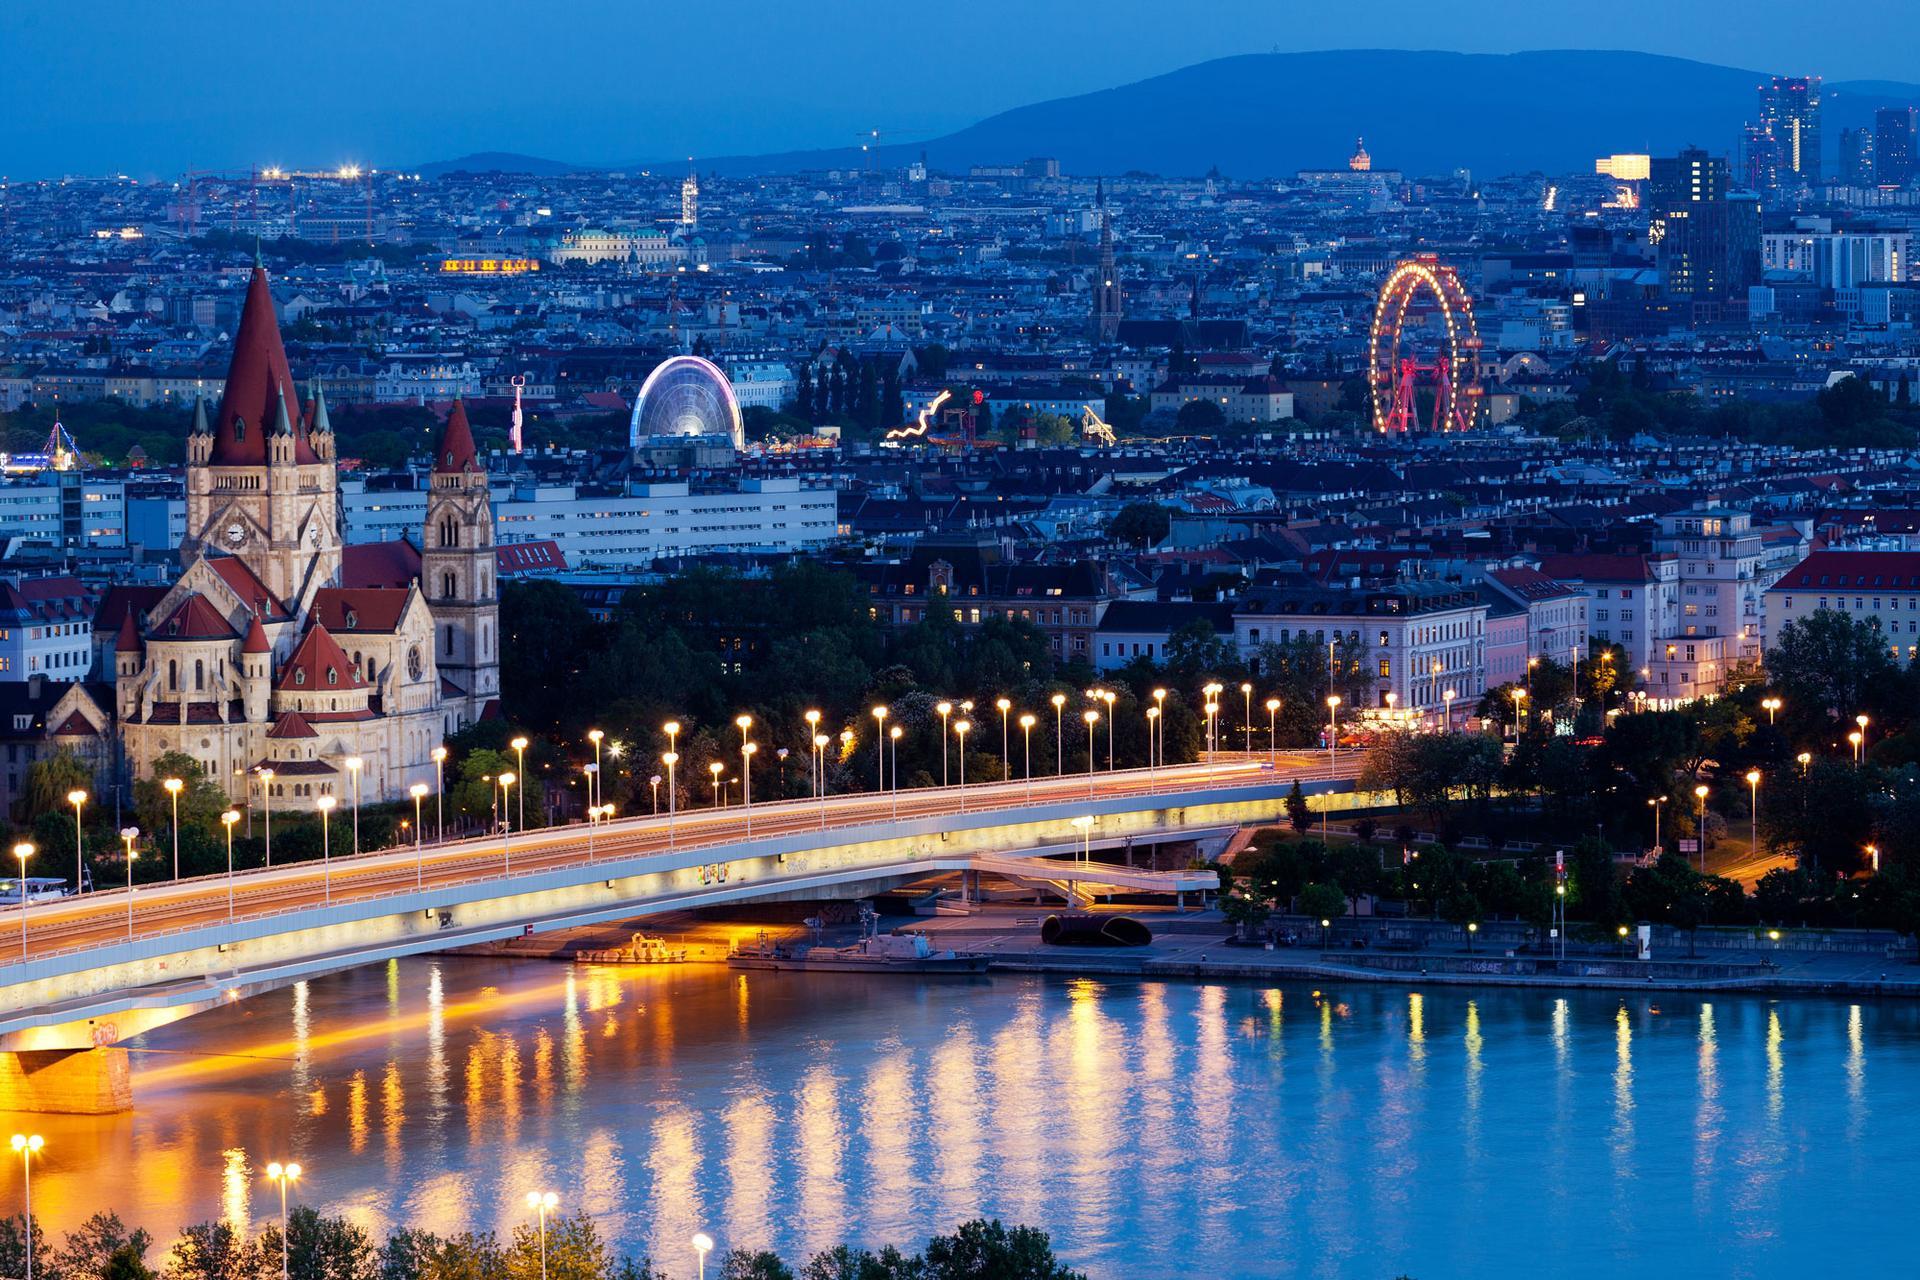 Wien bei Nacht Prater iStock 483201541 web